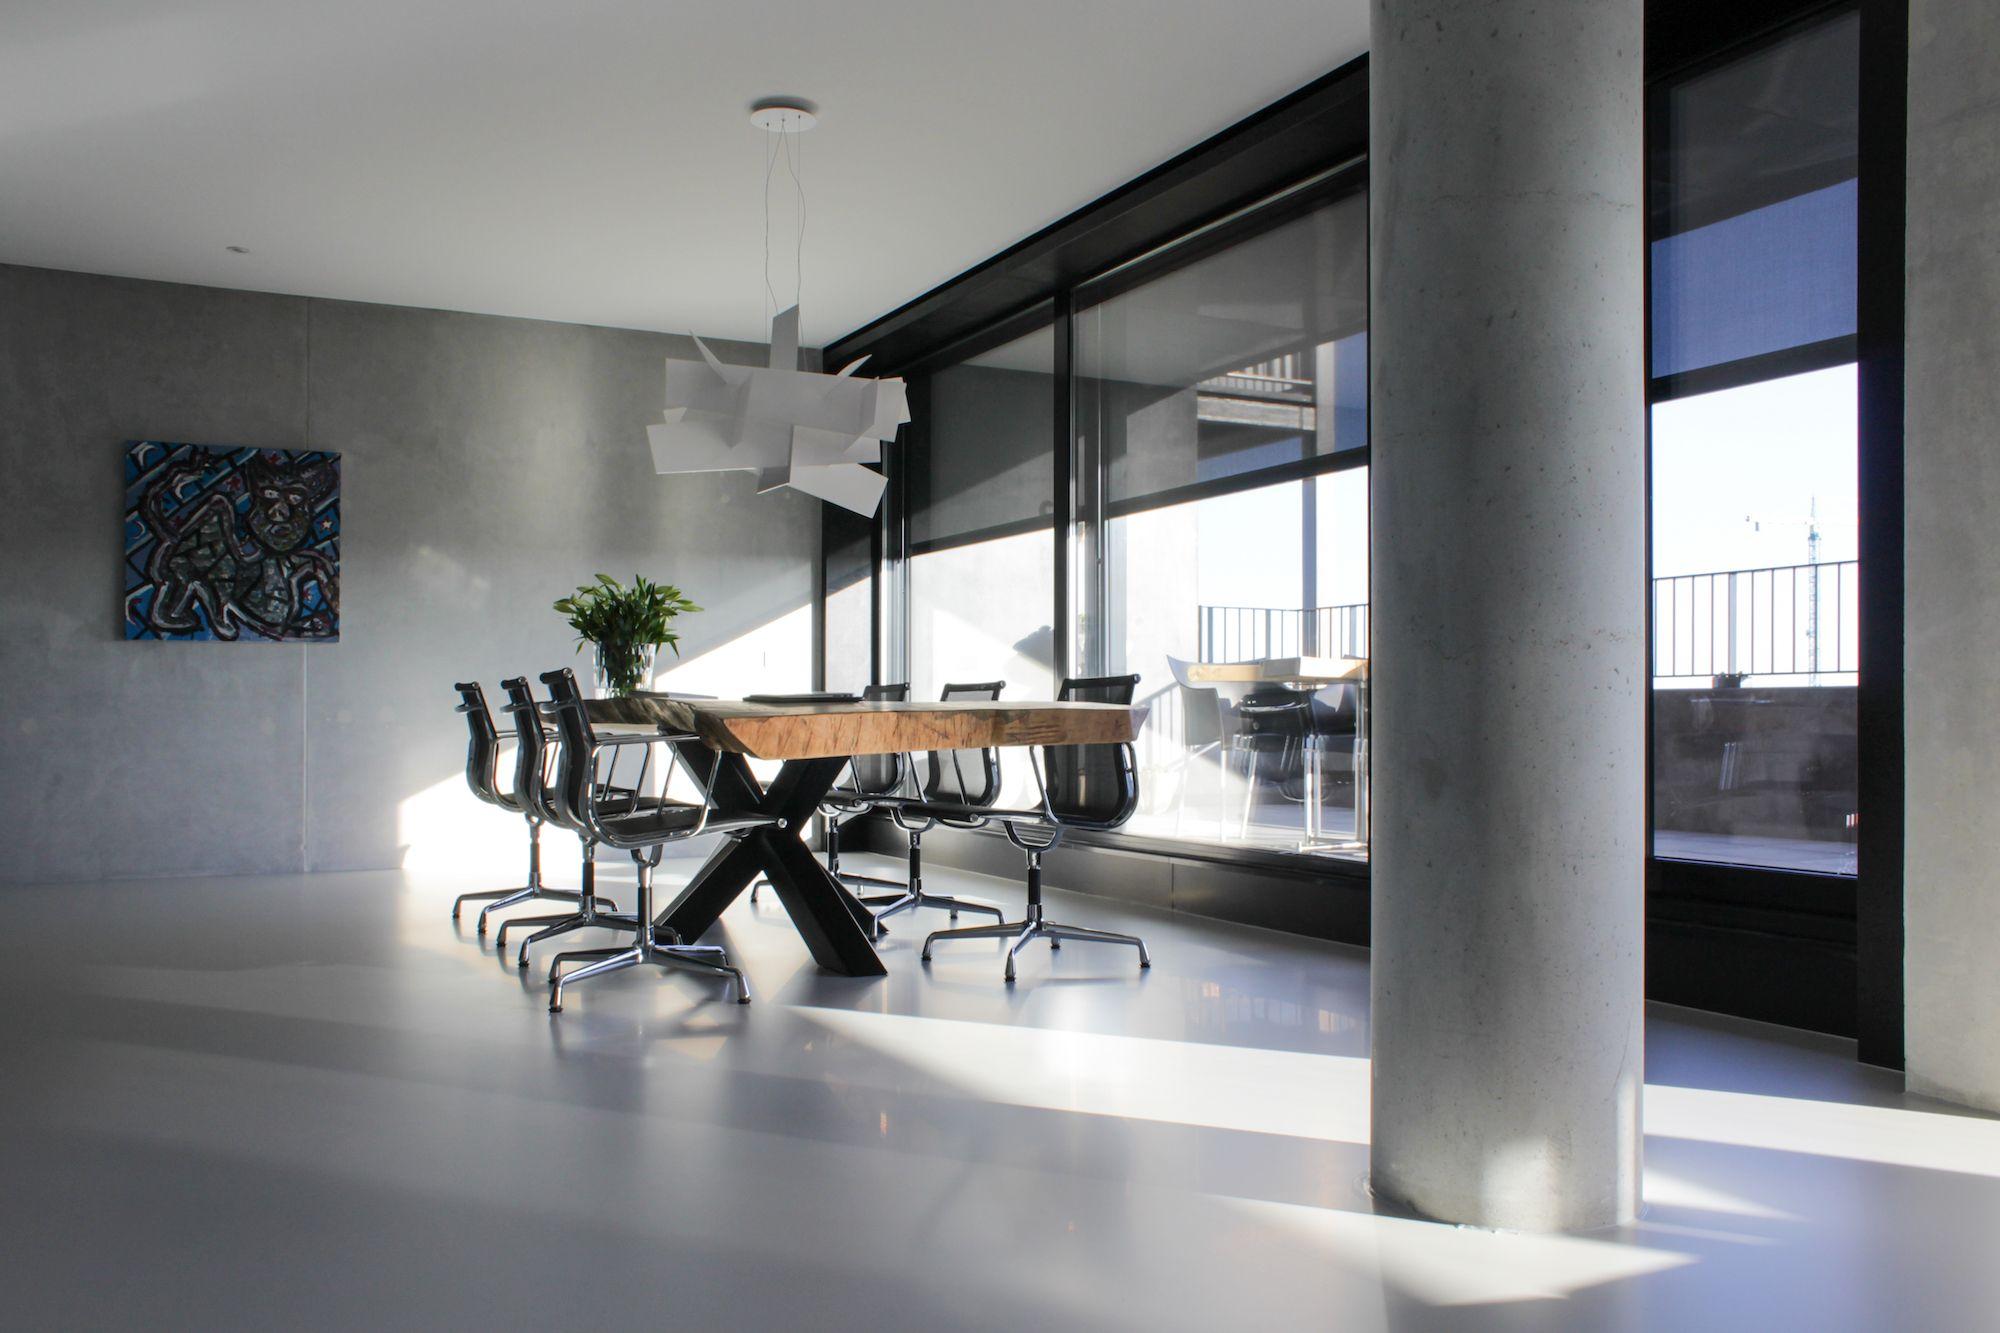 Design Vloer Eetkamer | Motion Gietvloeren #Gietvloer #Betonlook ...